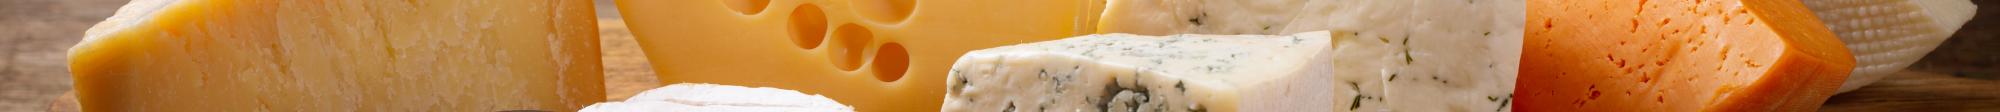 Comprar queso cabra online gourmet | Mixtura Gourmet